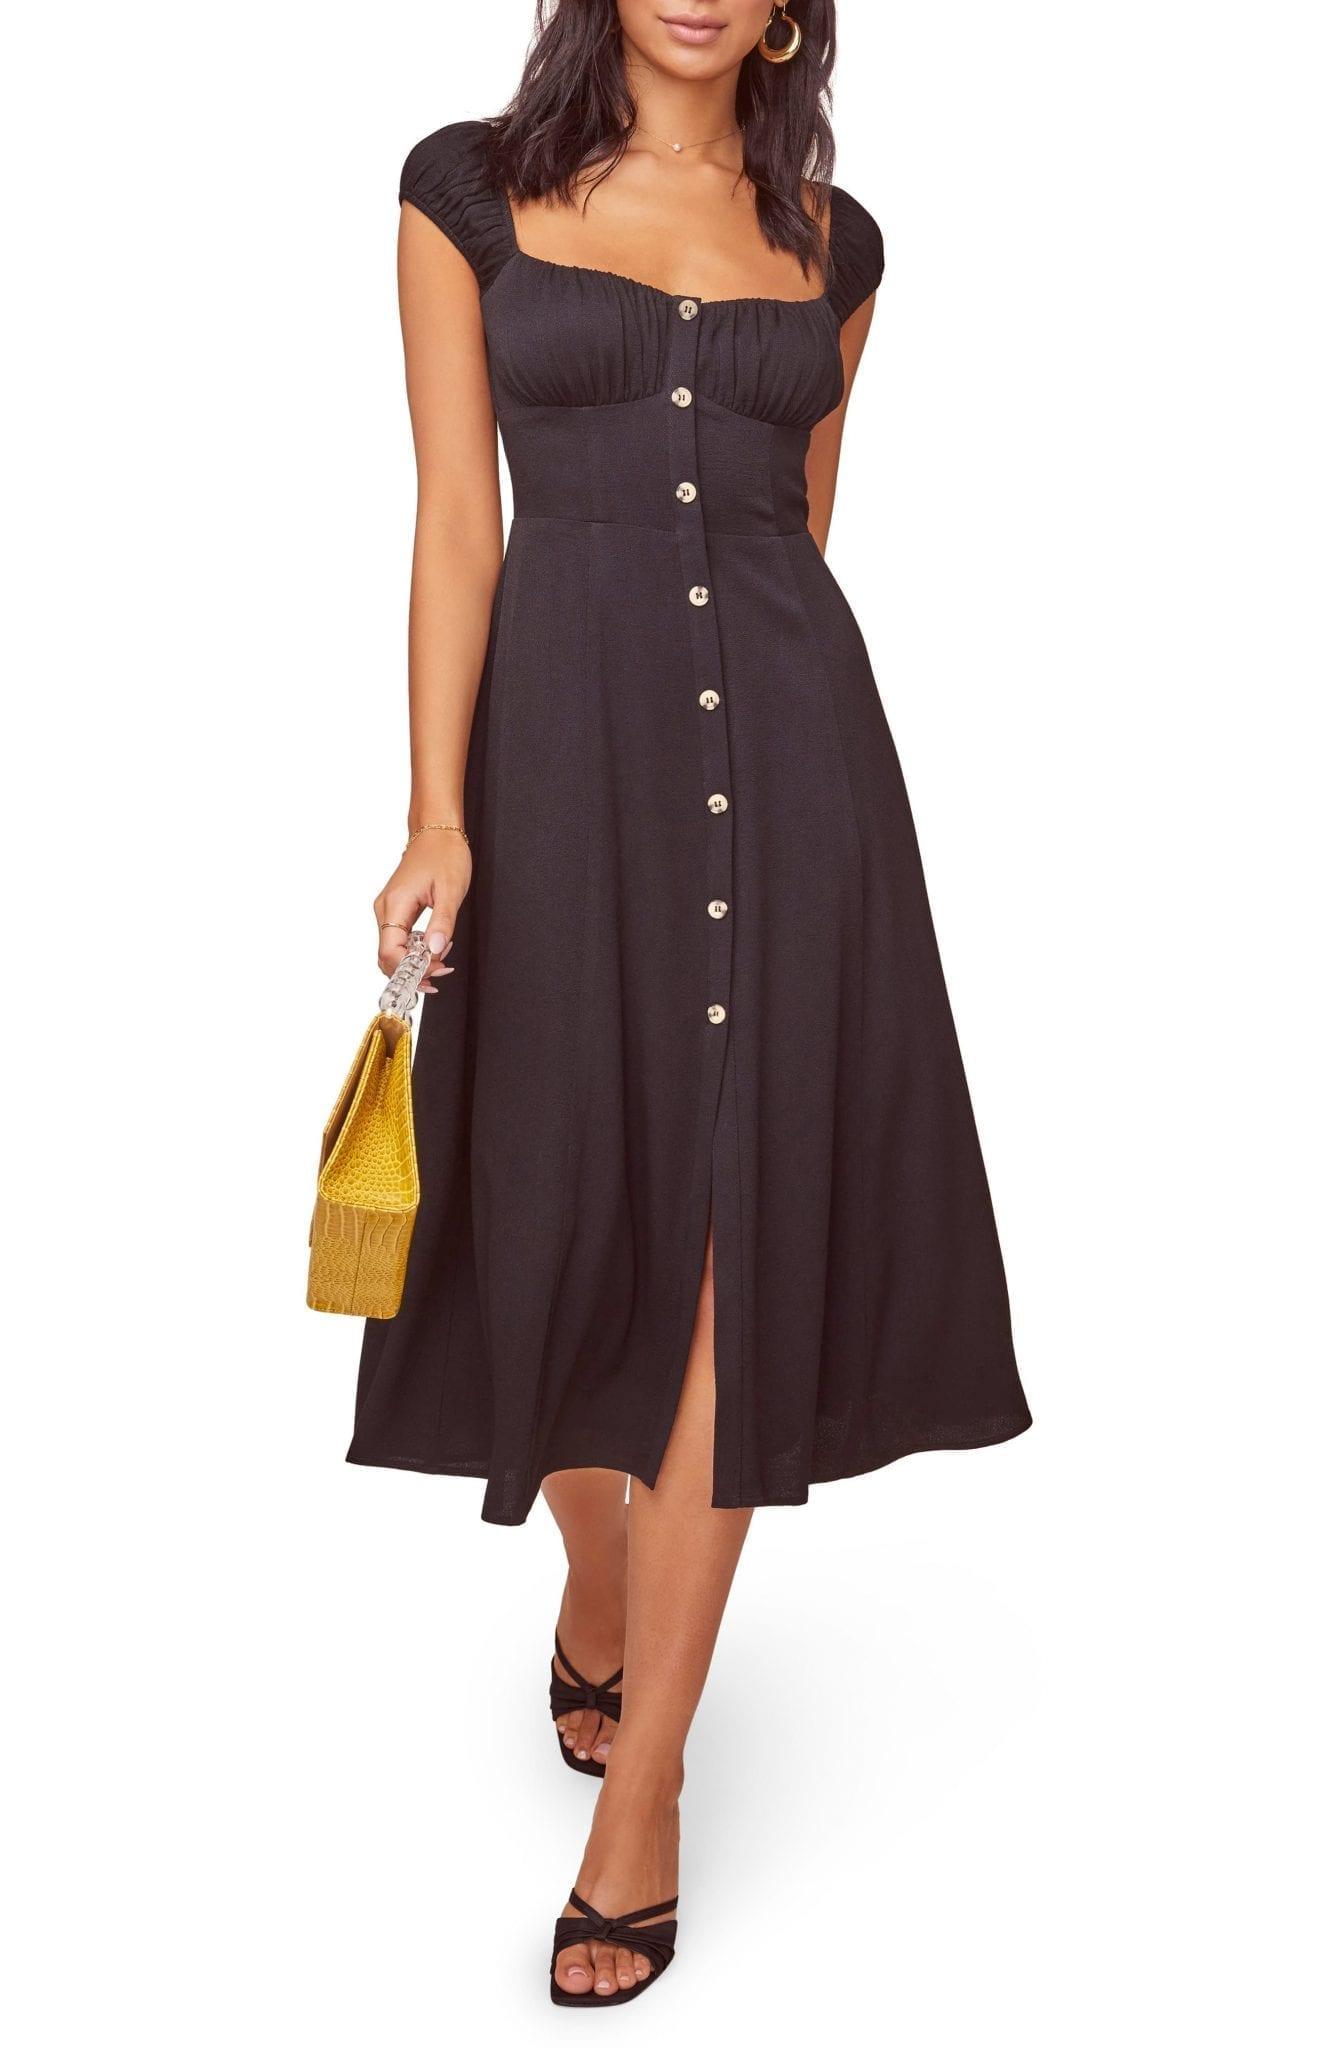 ASTR THE LABEL Bonjour Button Front Dress